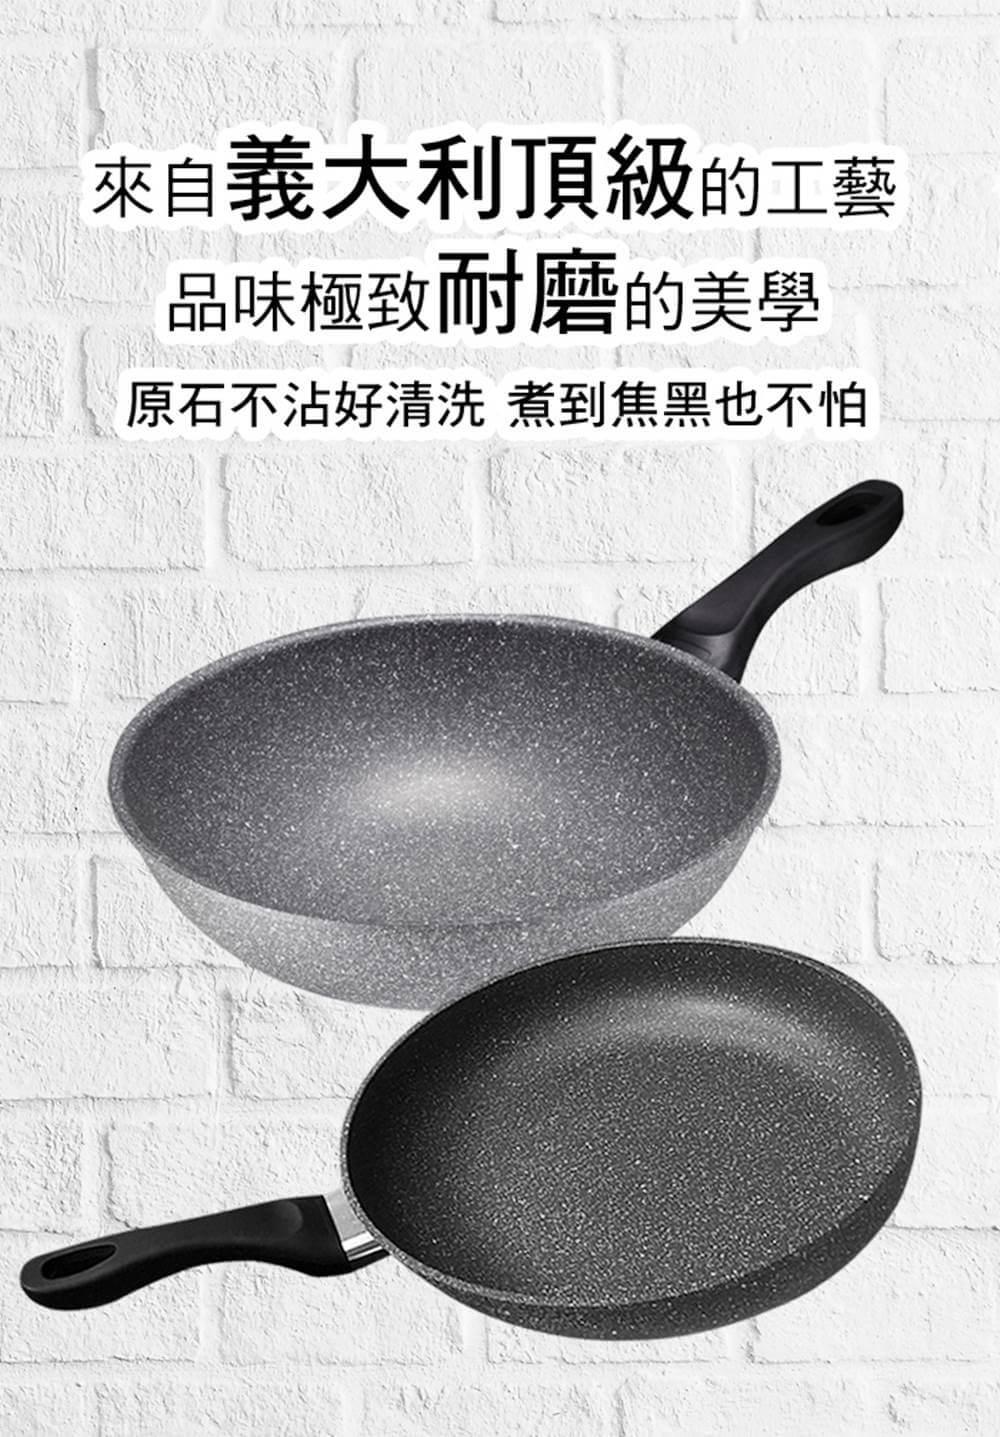 蔥媽媽 炒鍋耐磨 不沾好清洗 不怕燒焦